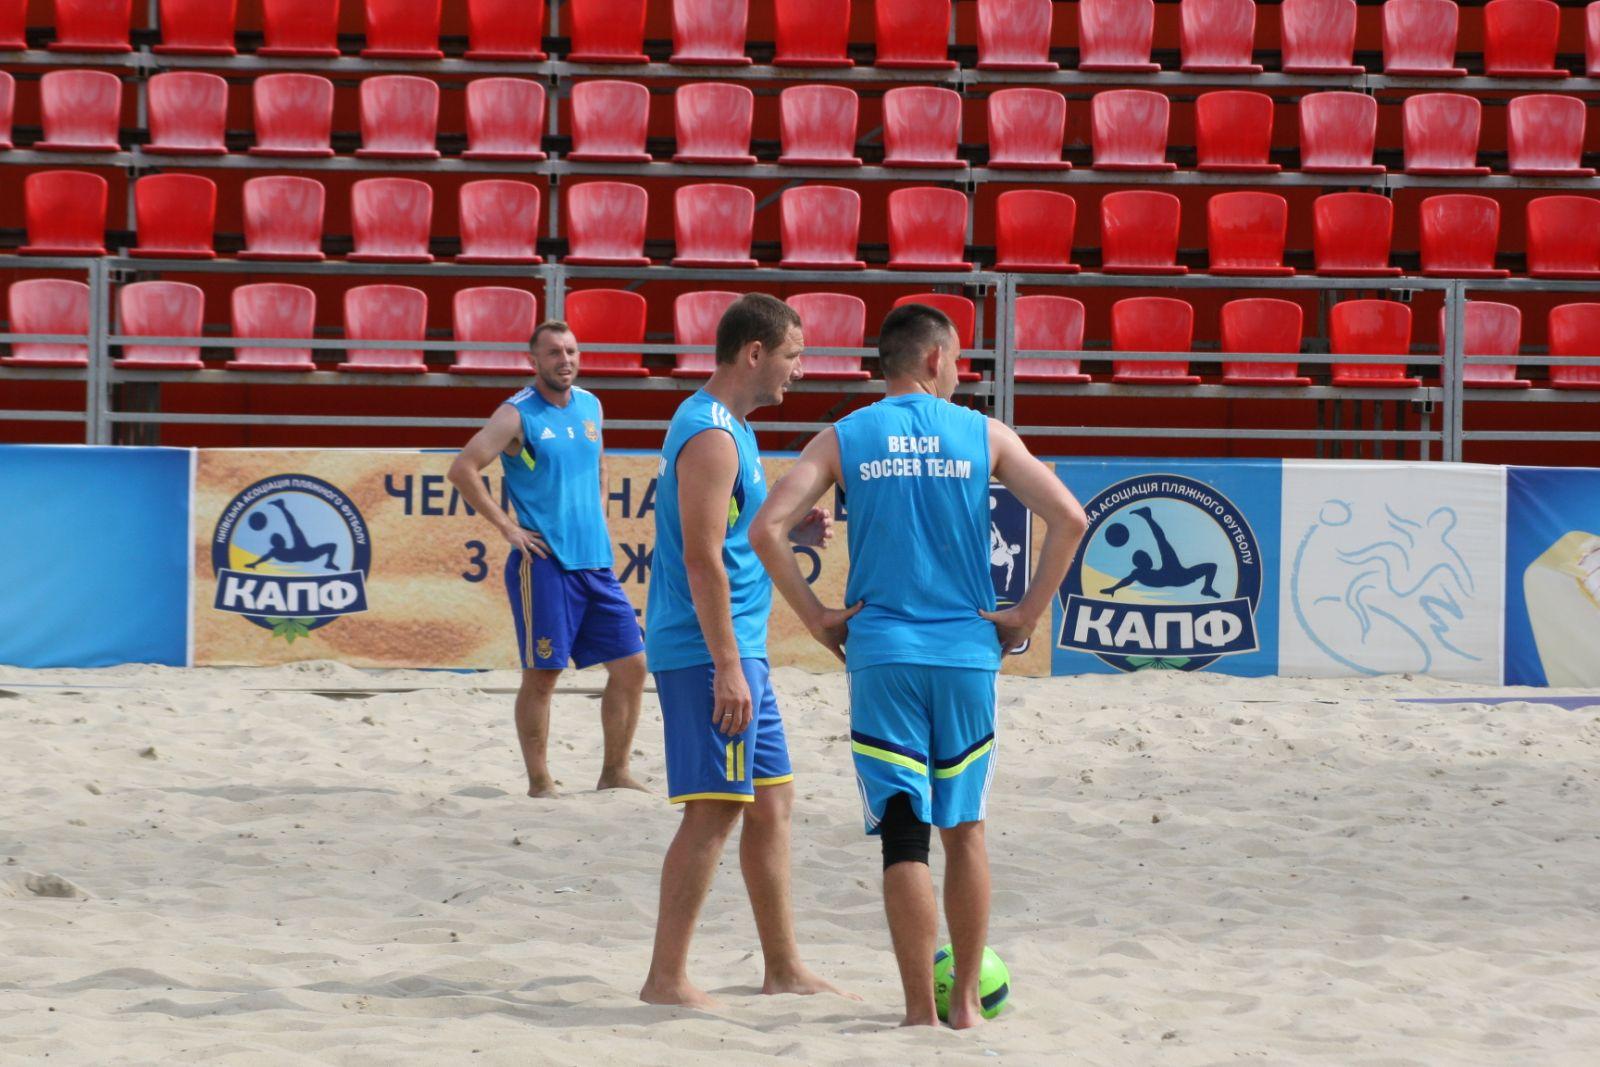 http://sport.ua/media/images/IMG_2531%5B1%5D.JPG